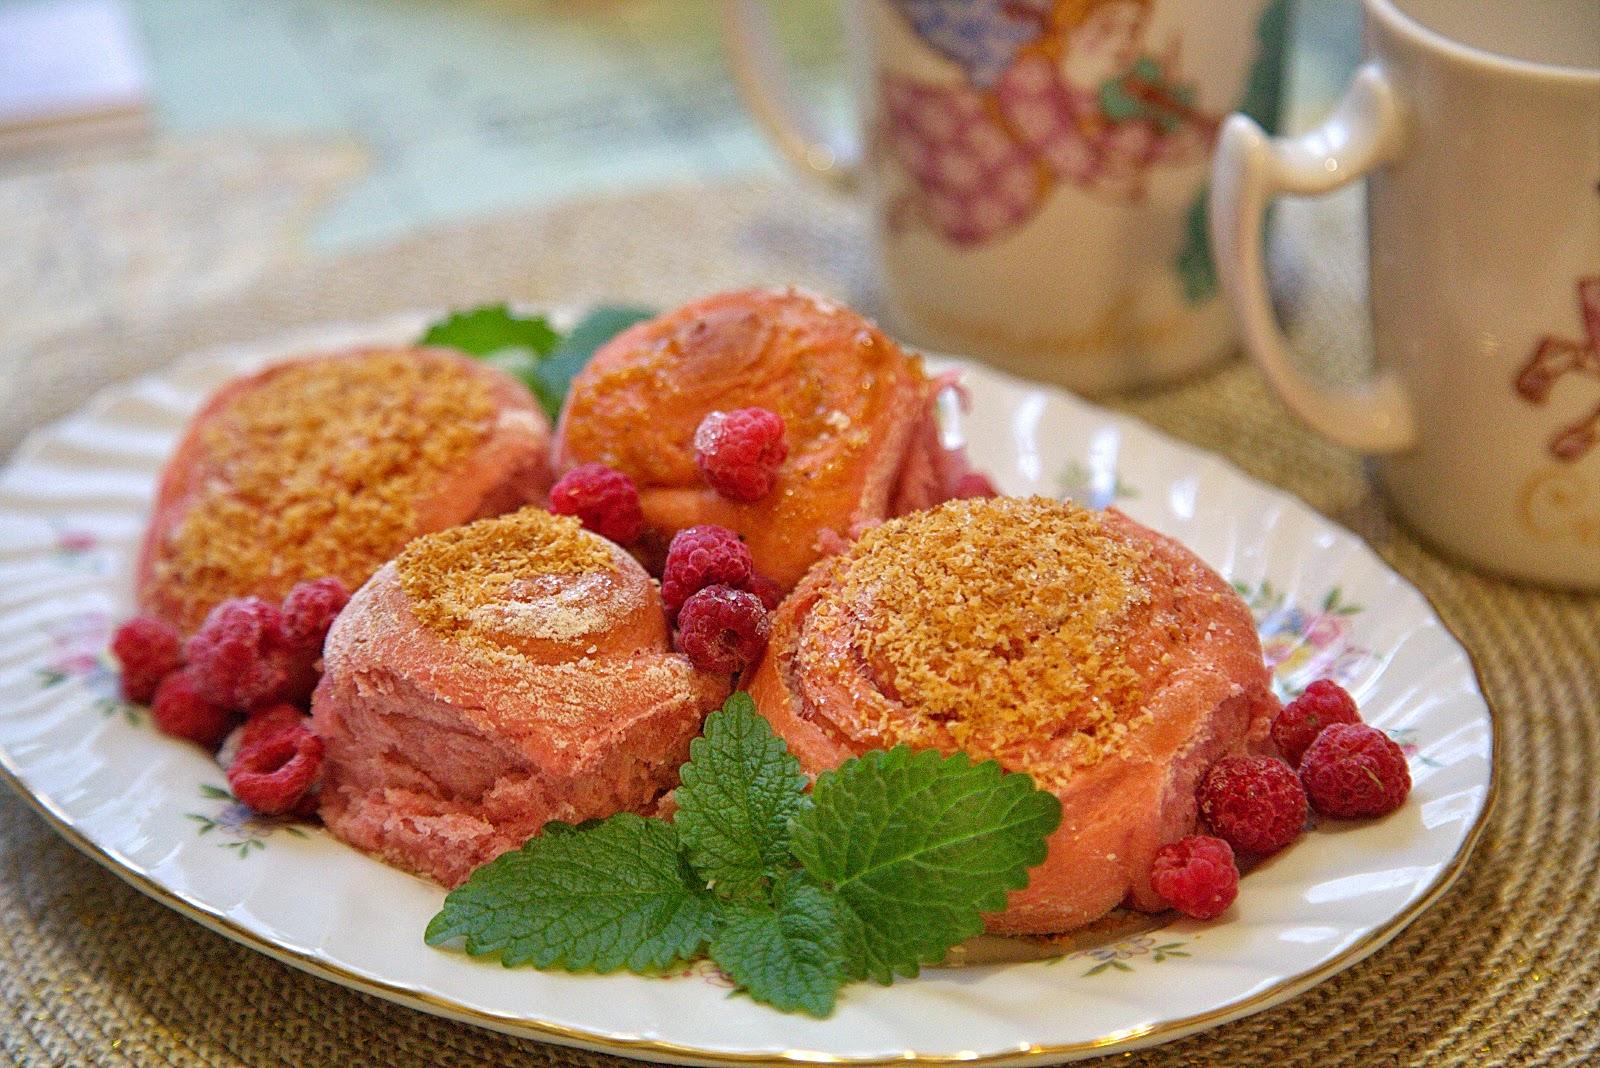 постные розовые булочки розочки с джемом кокосовой стружкой